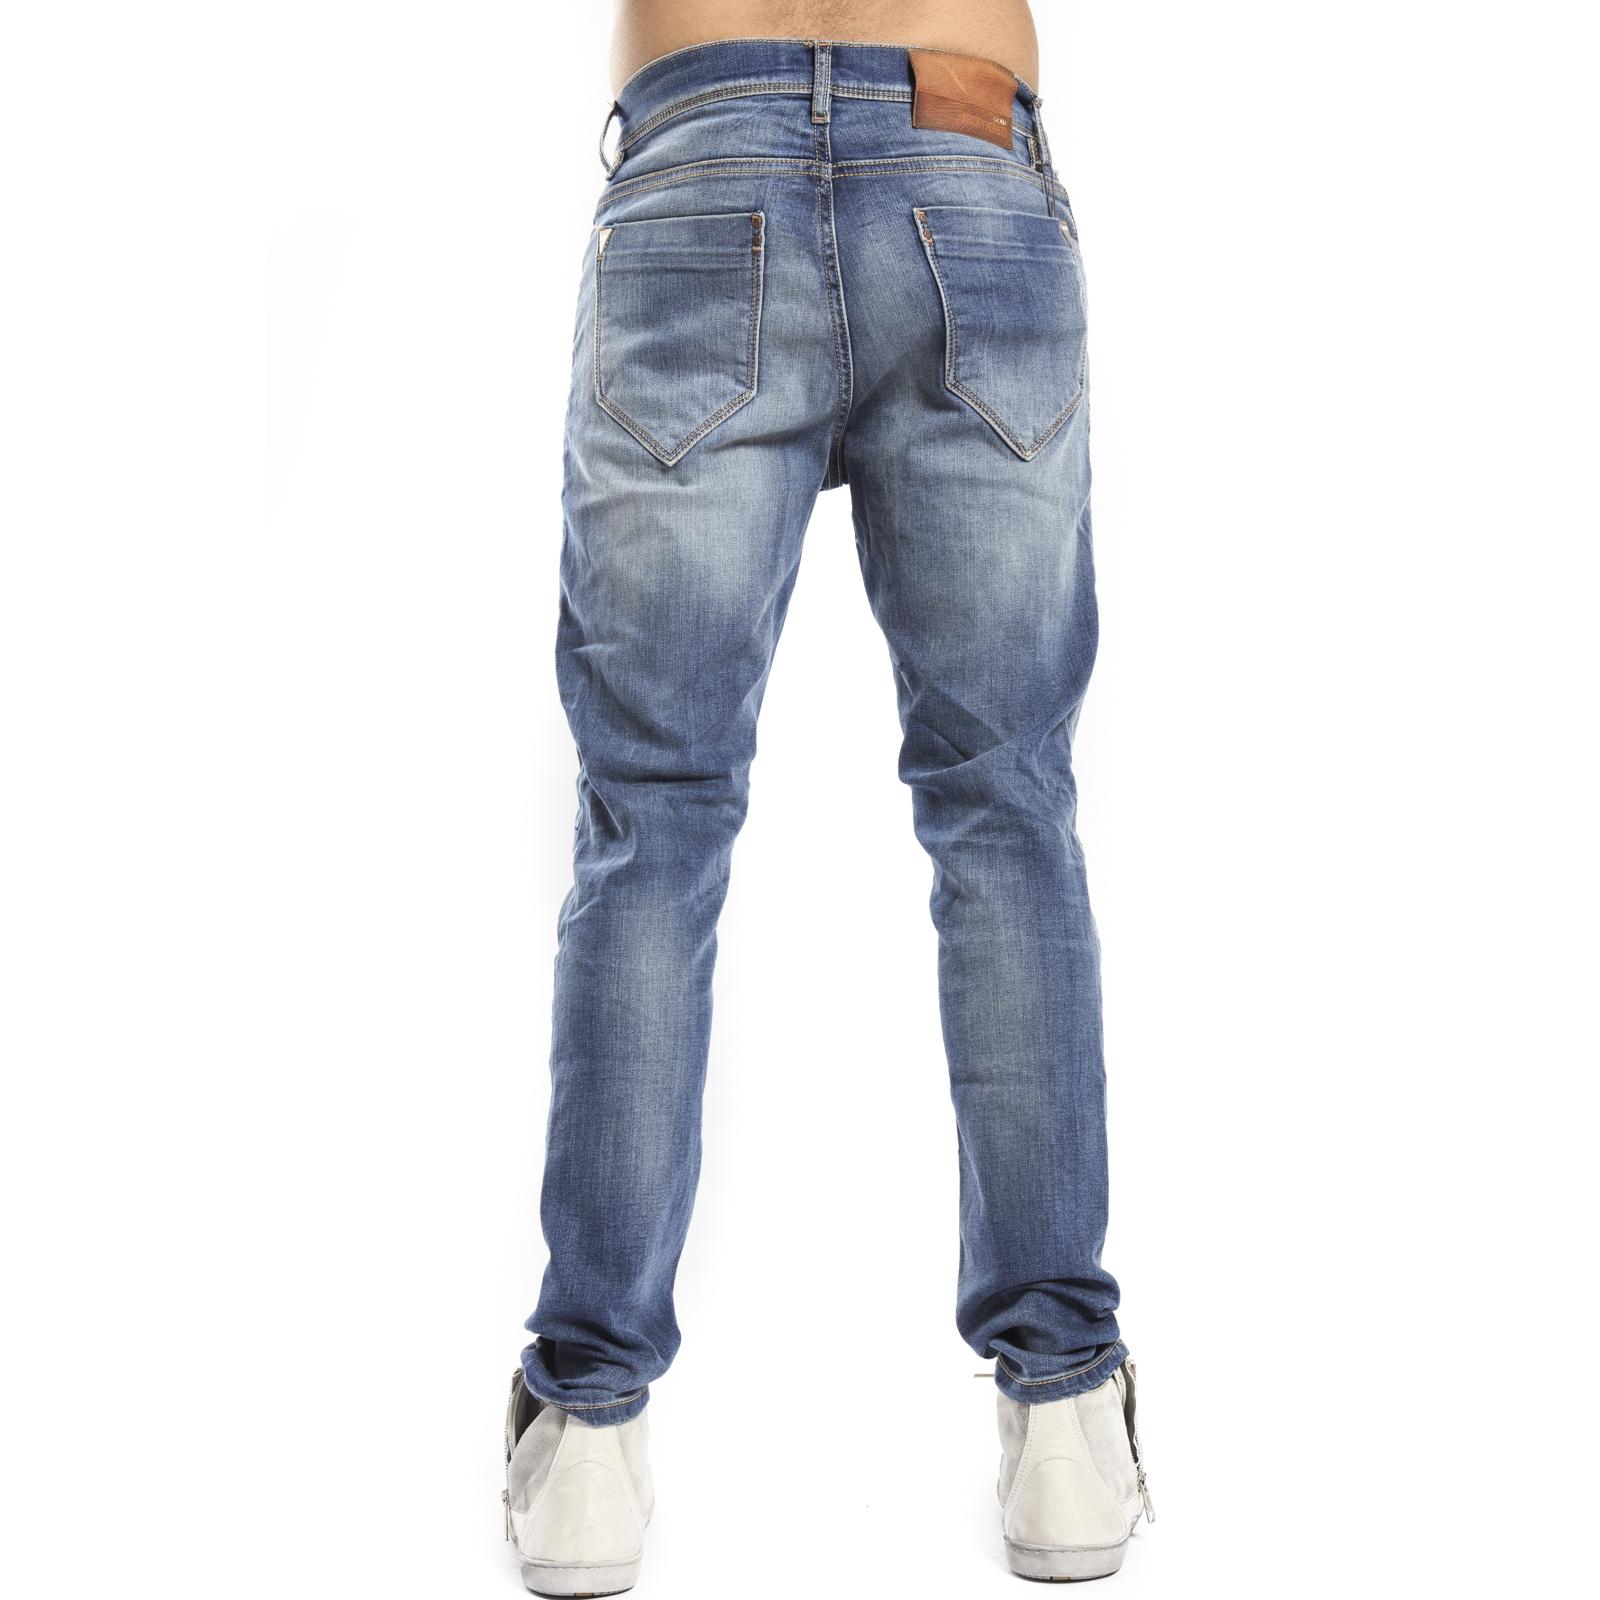 Antony Morato Jeans Duran stretch carrot Blu denim MMDT00126 FA750099 c1e60e5c59c